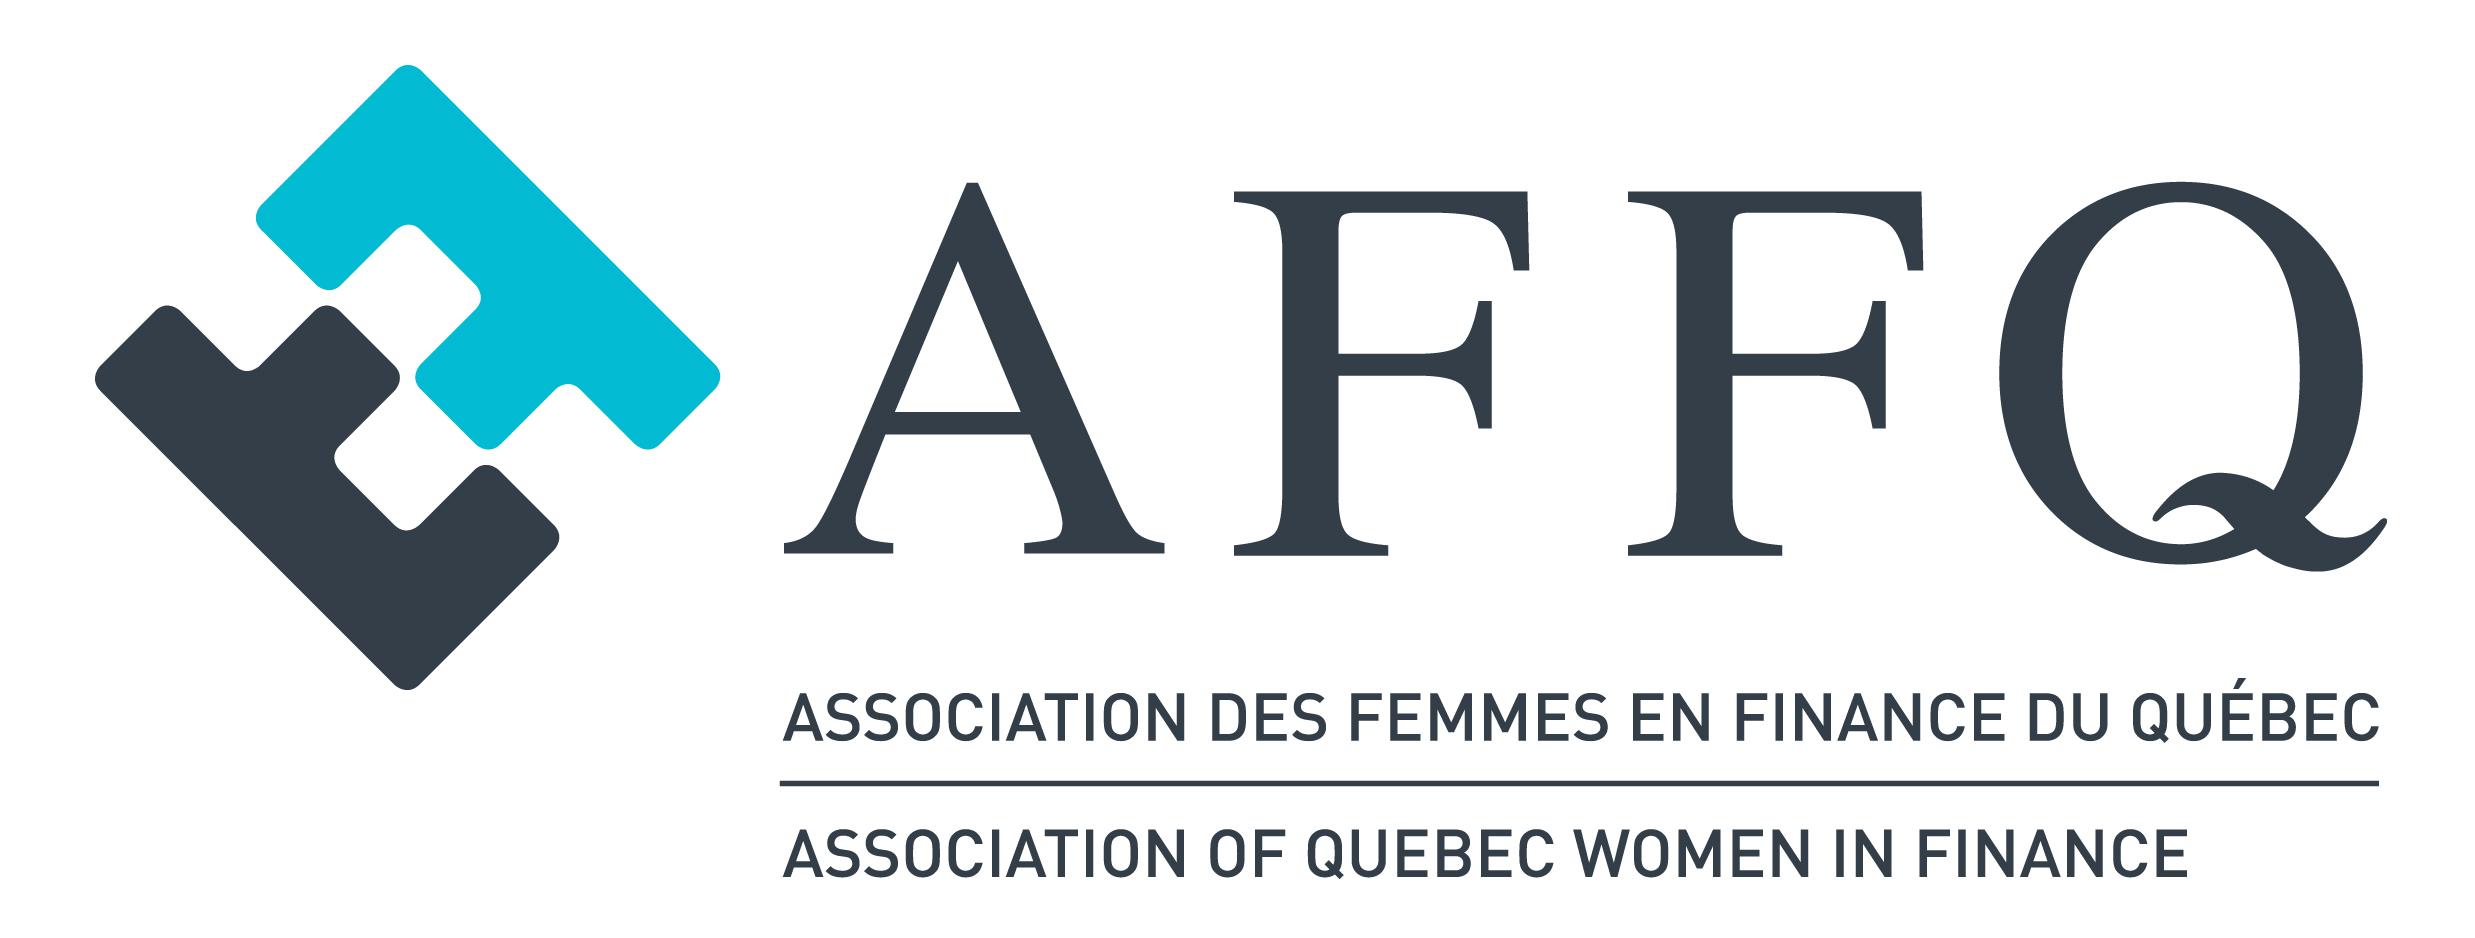 Logo Association des femmes en finance du Québec